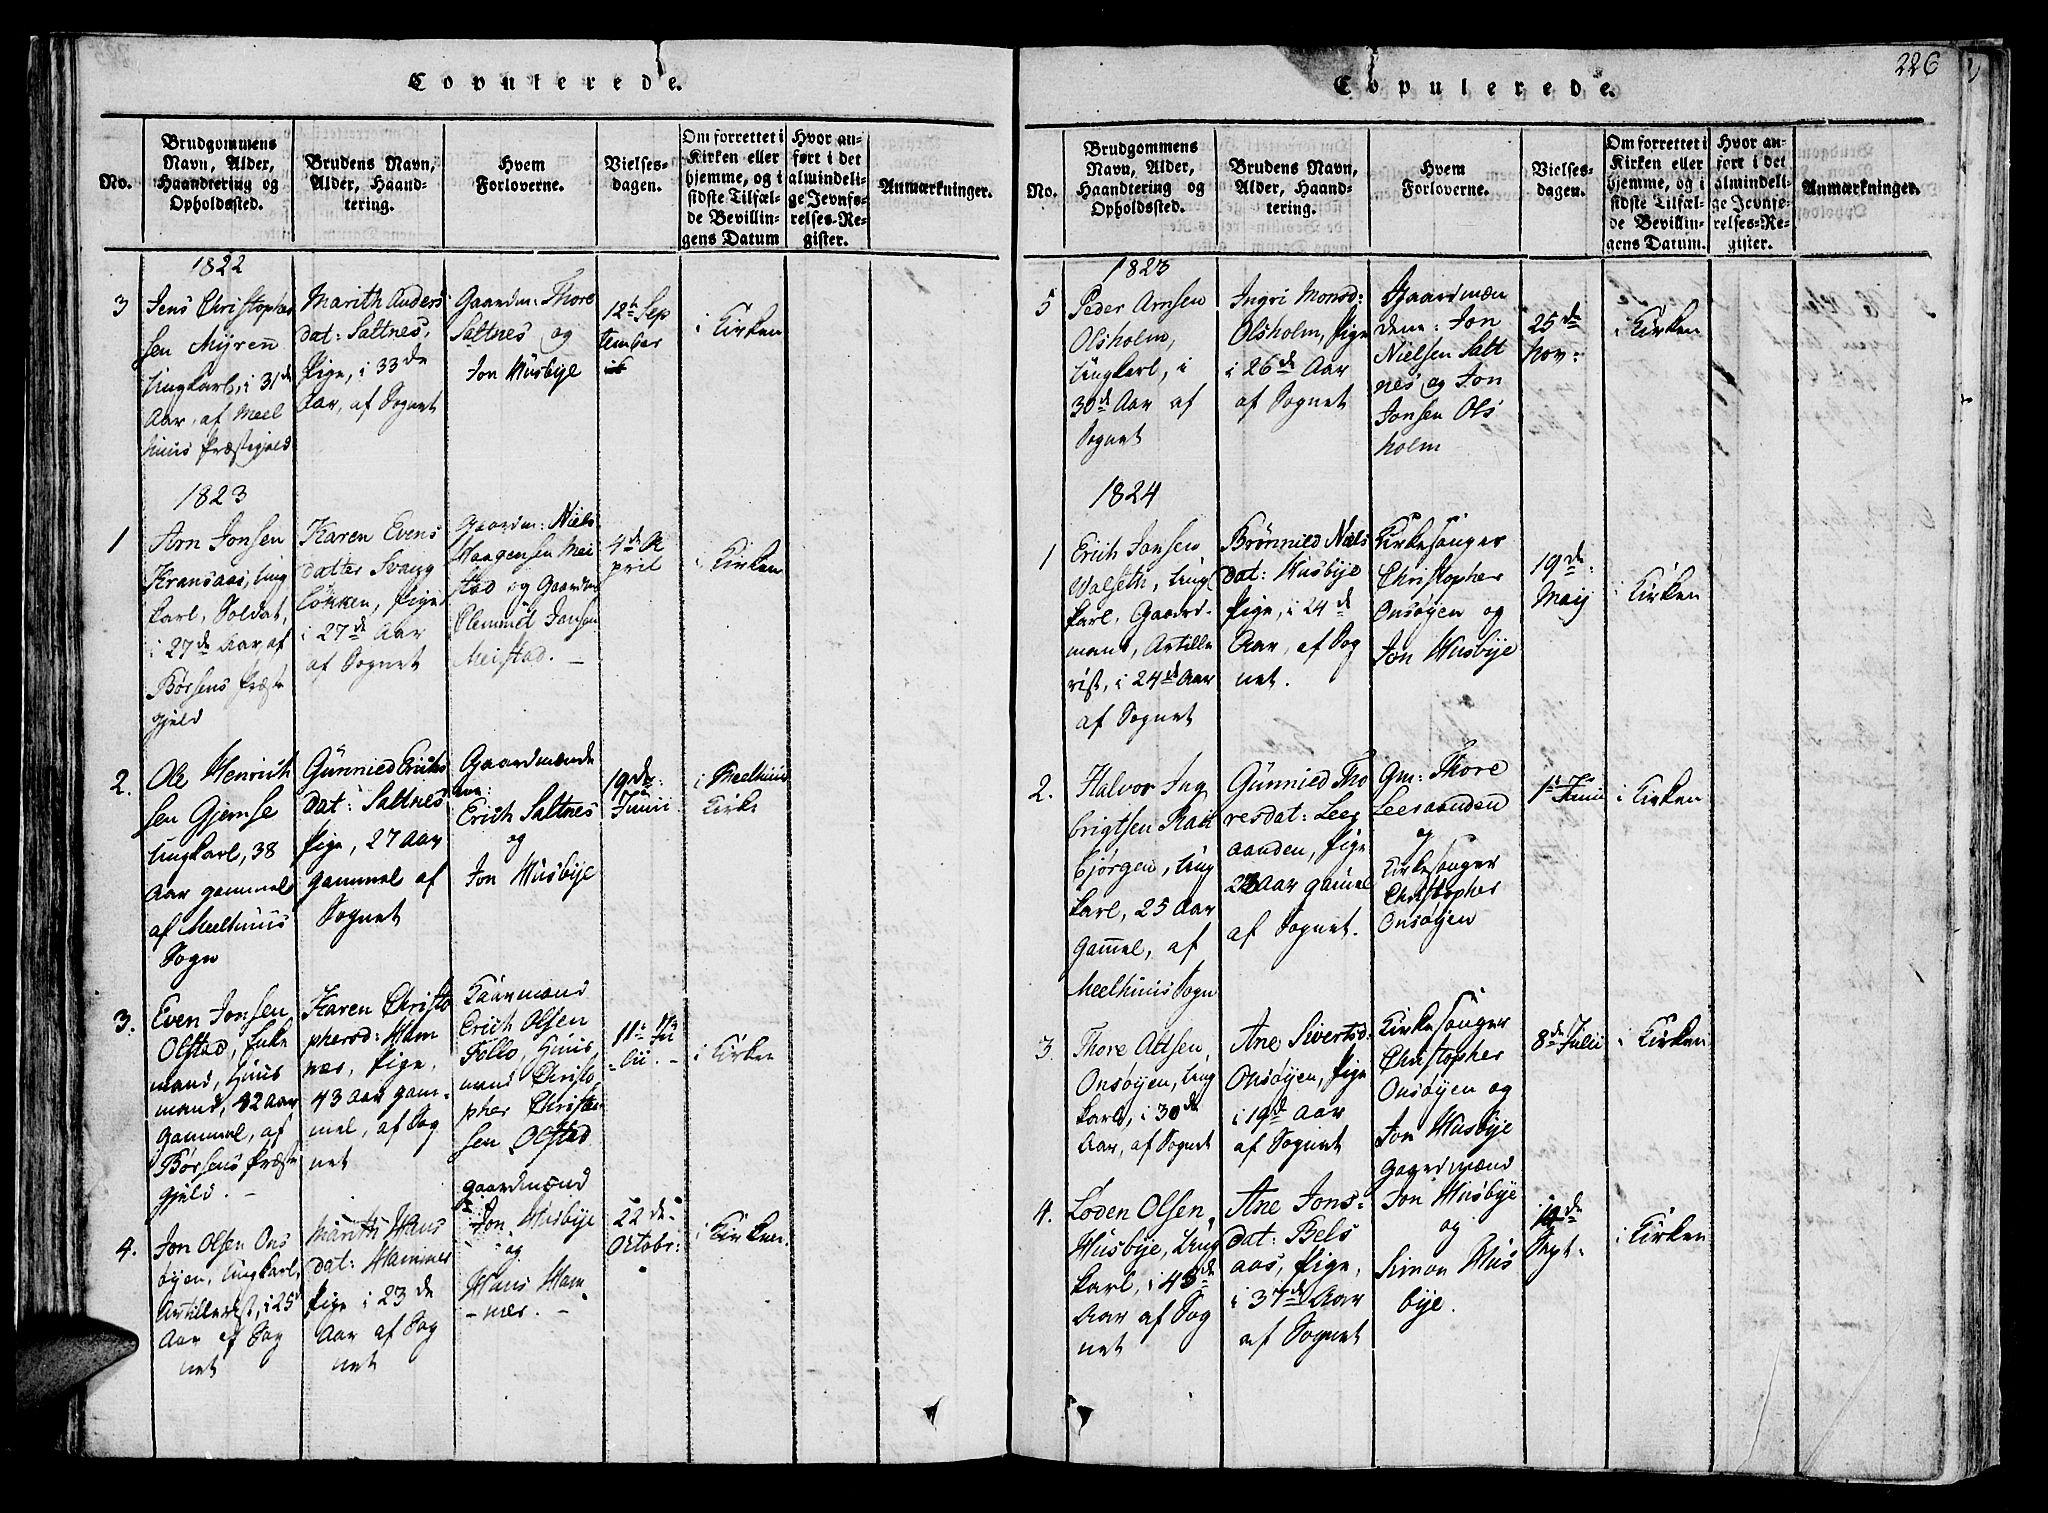 SAT, Ministerialprotokoller, klokkerbøker og fødselsregistre - Sør-Trøndelag, 612/L0373: Ministerialbok nr. 612A06 /2, 1816-1828, s. 226